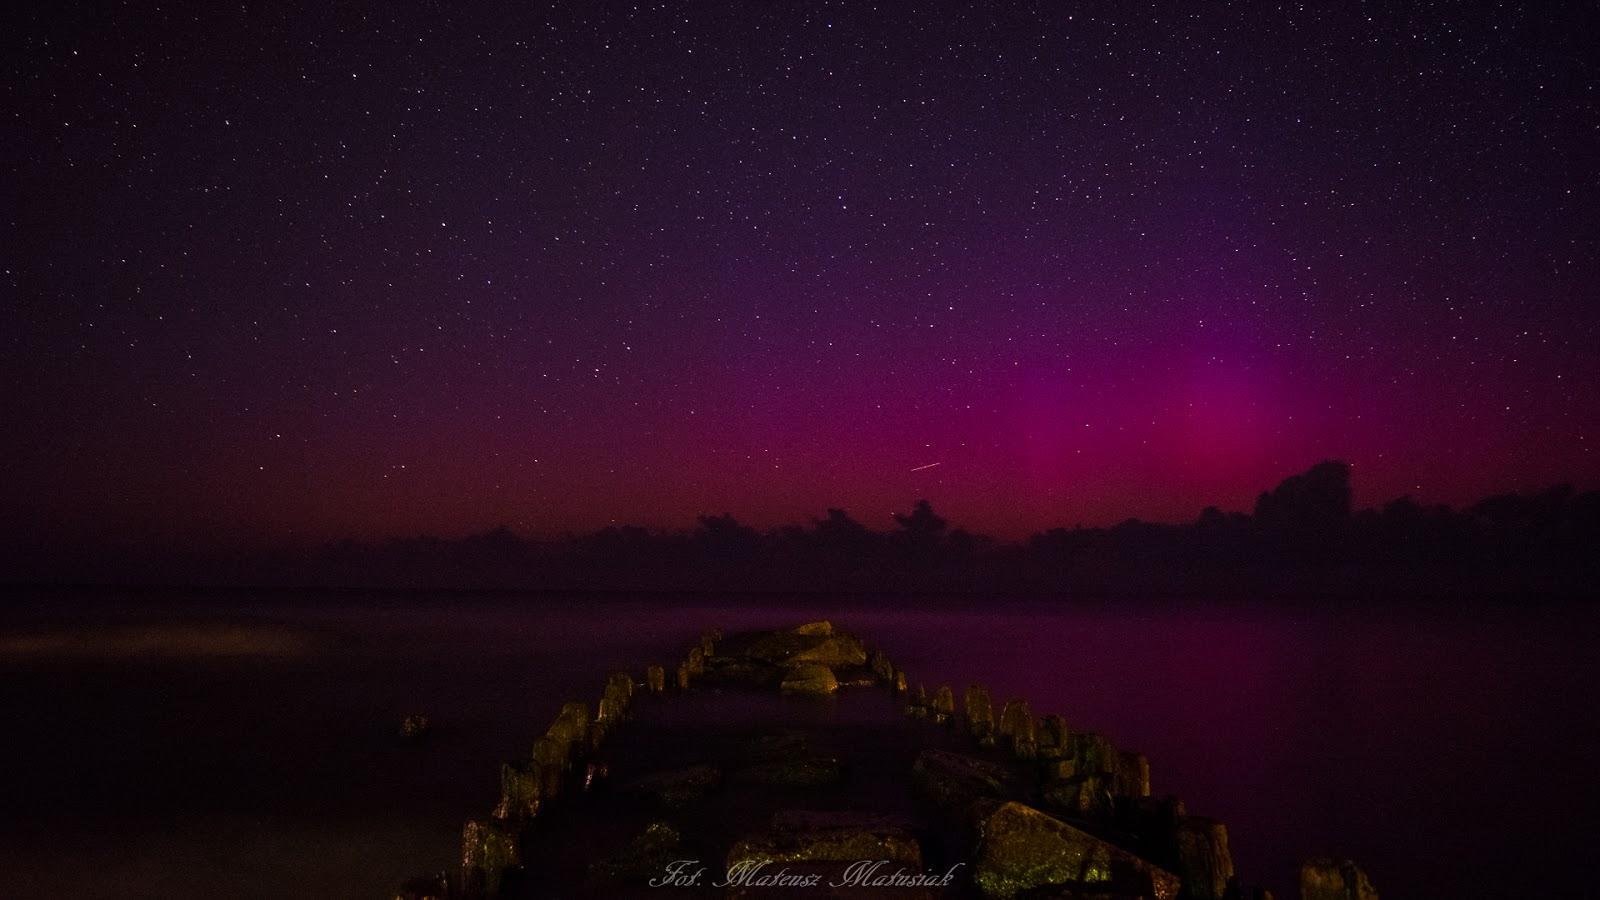 Zorza polarna sfotografowana w noc z 02 na 03.08.2016 r. Dziwnówek, zachodniopomorskie. Autor: Mateusz Matusiak